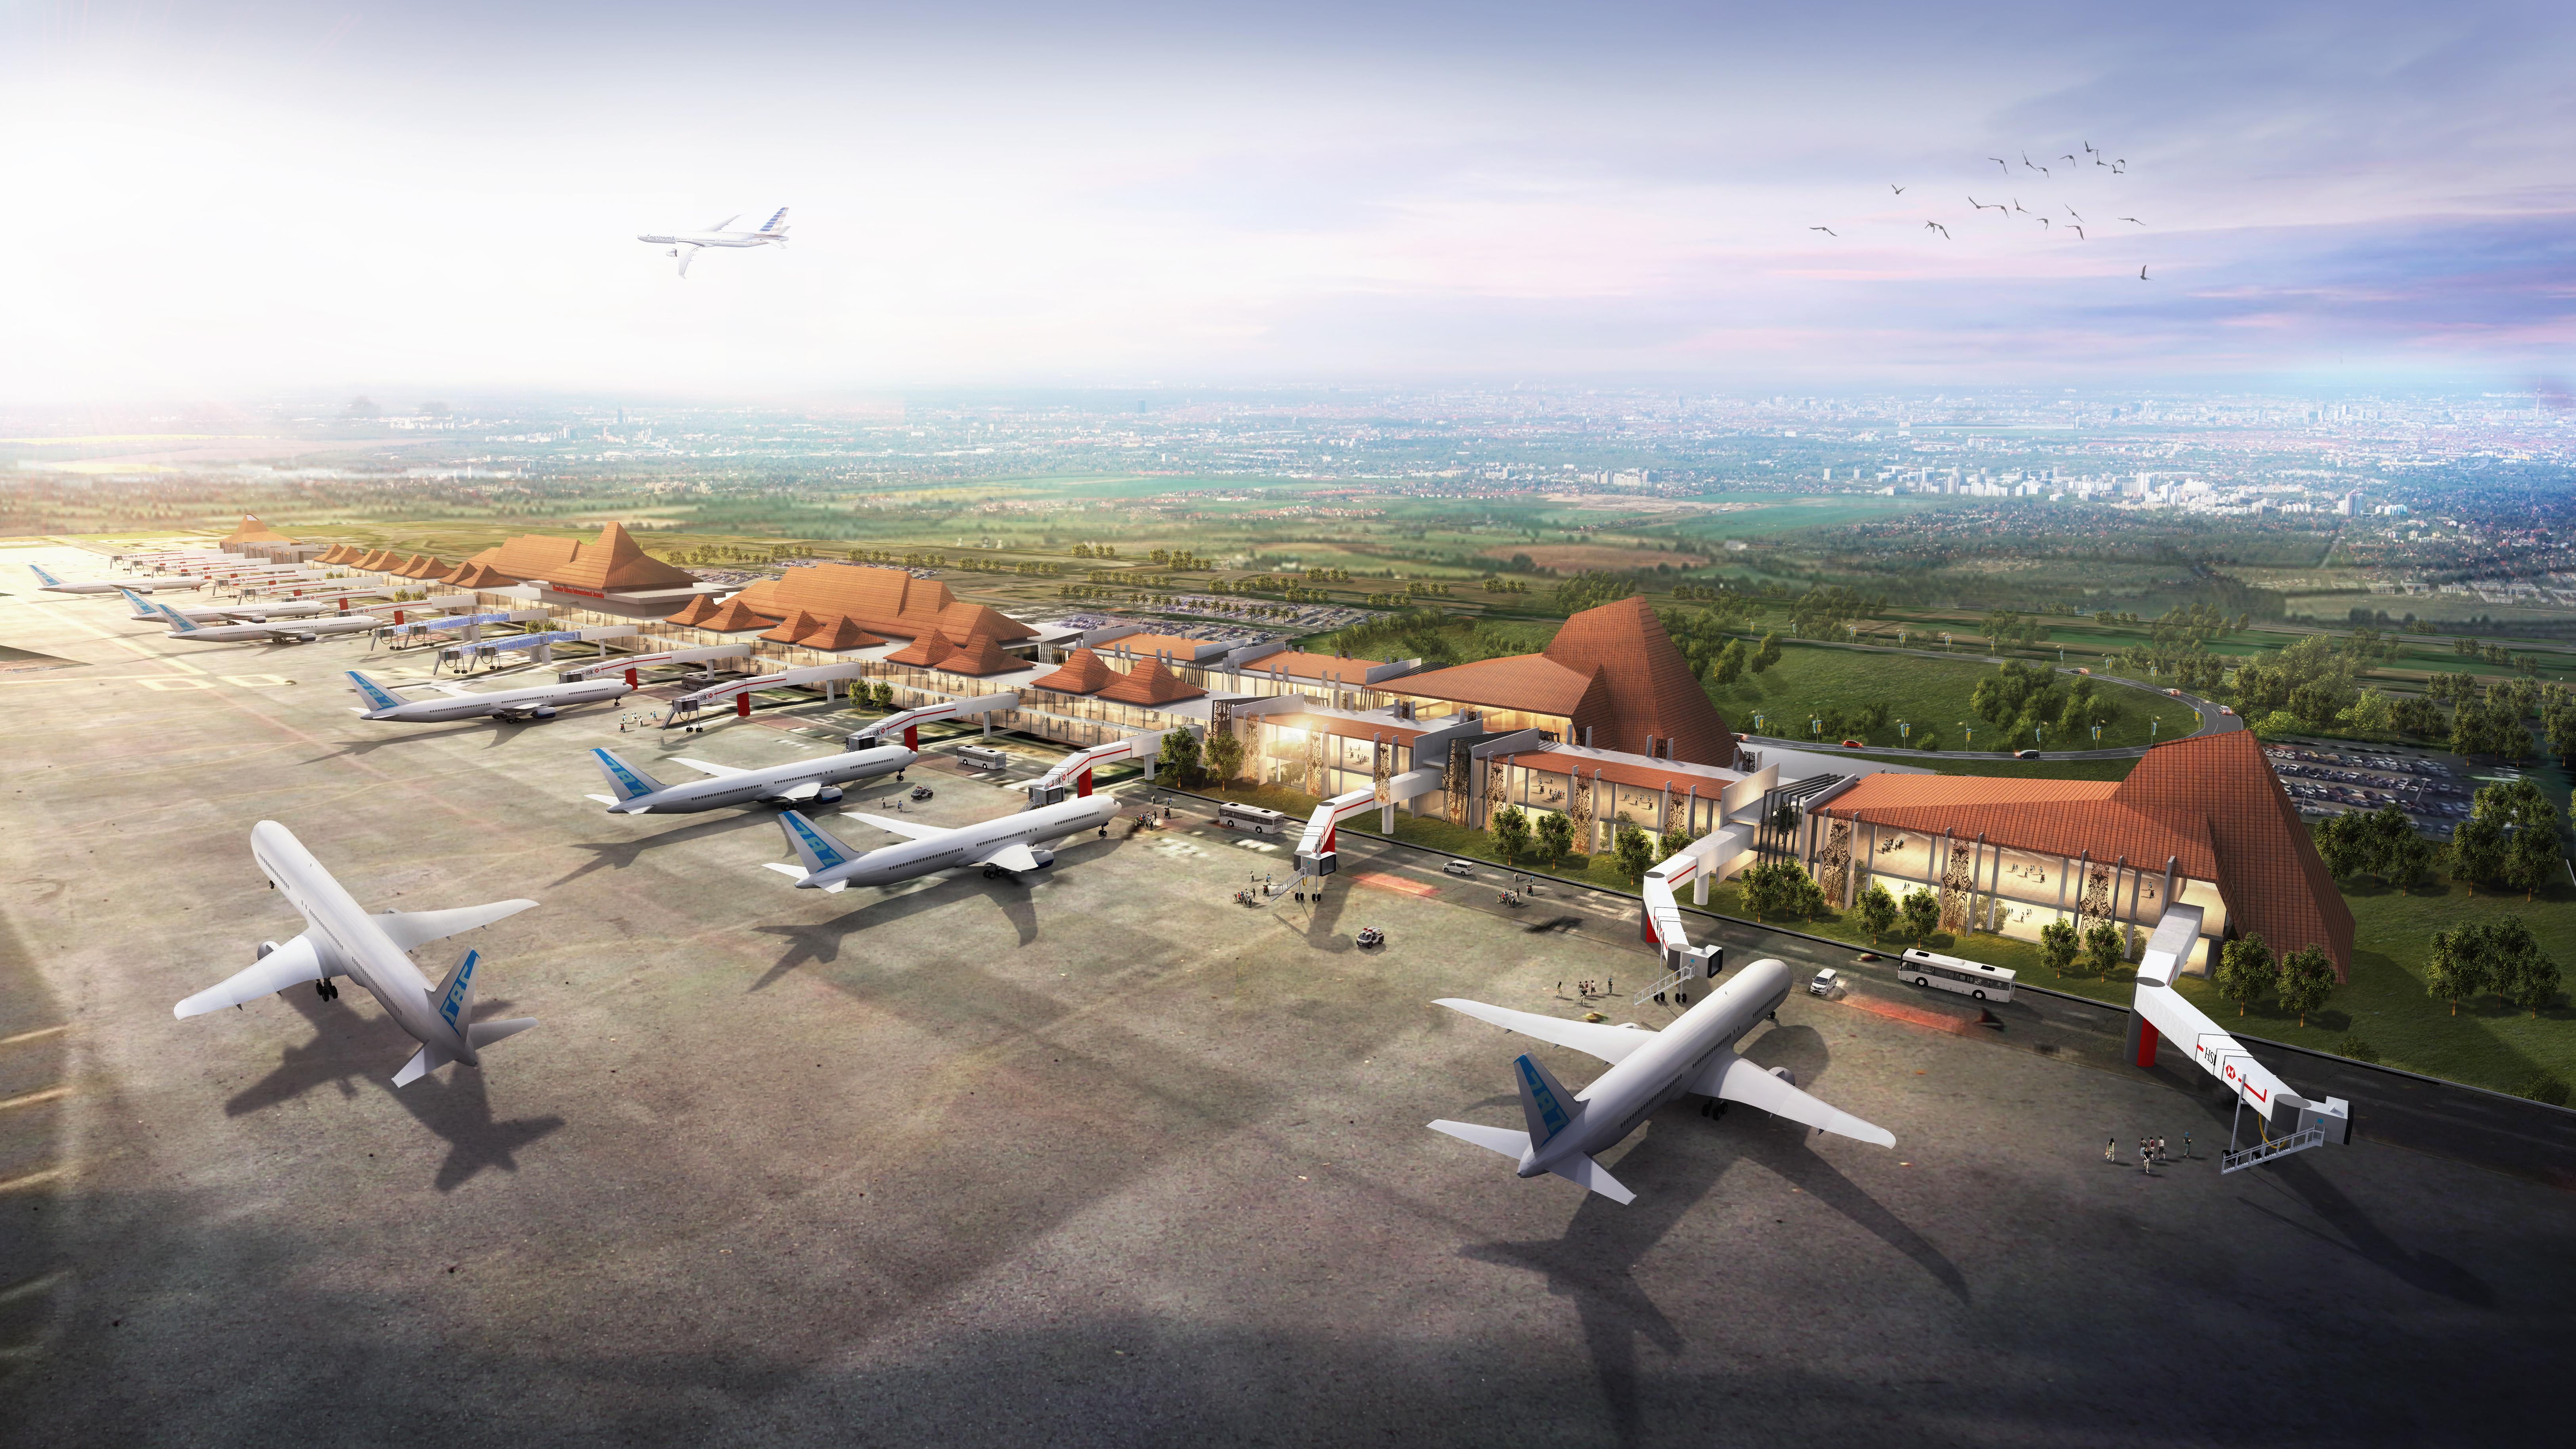 DJUANDA AIRPORT